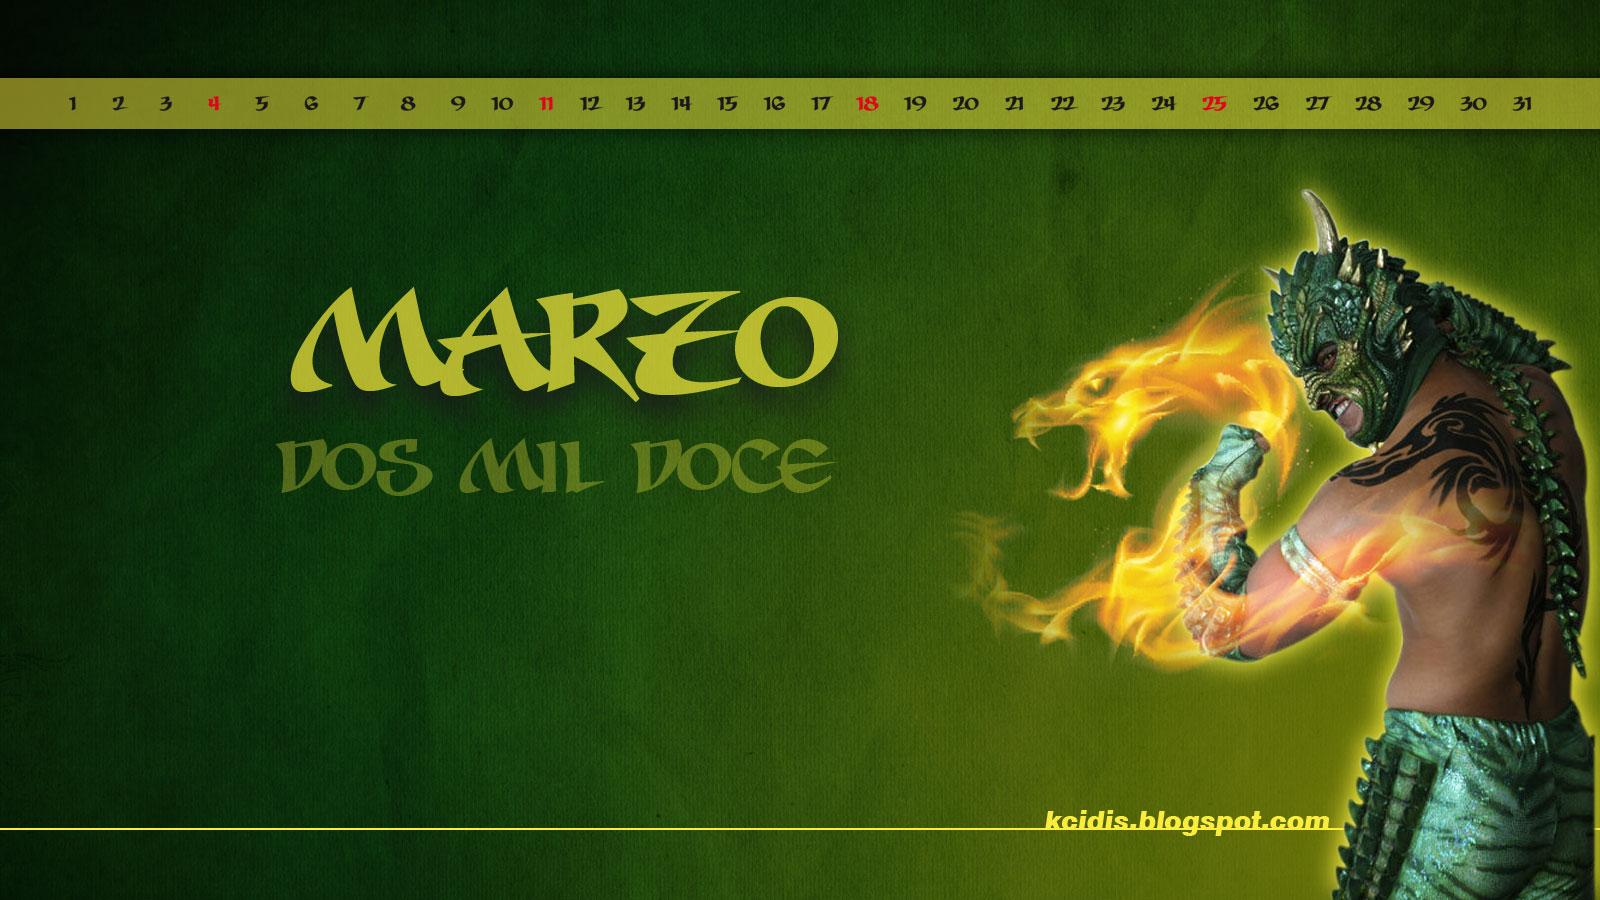 http://3.bp.blogspot.com/-6HTwAWreaHU/T061q6xZ-sI/AAAAAAAADhs/EbISpU4InTY/s1600/1600x900-marzo-drago-kcidis.jpg